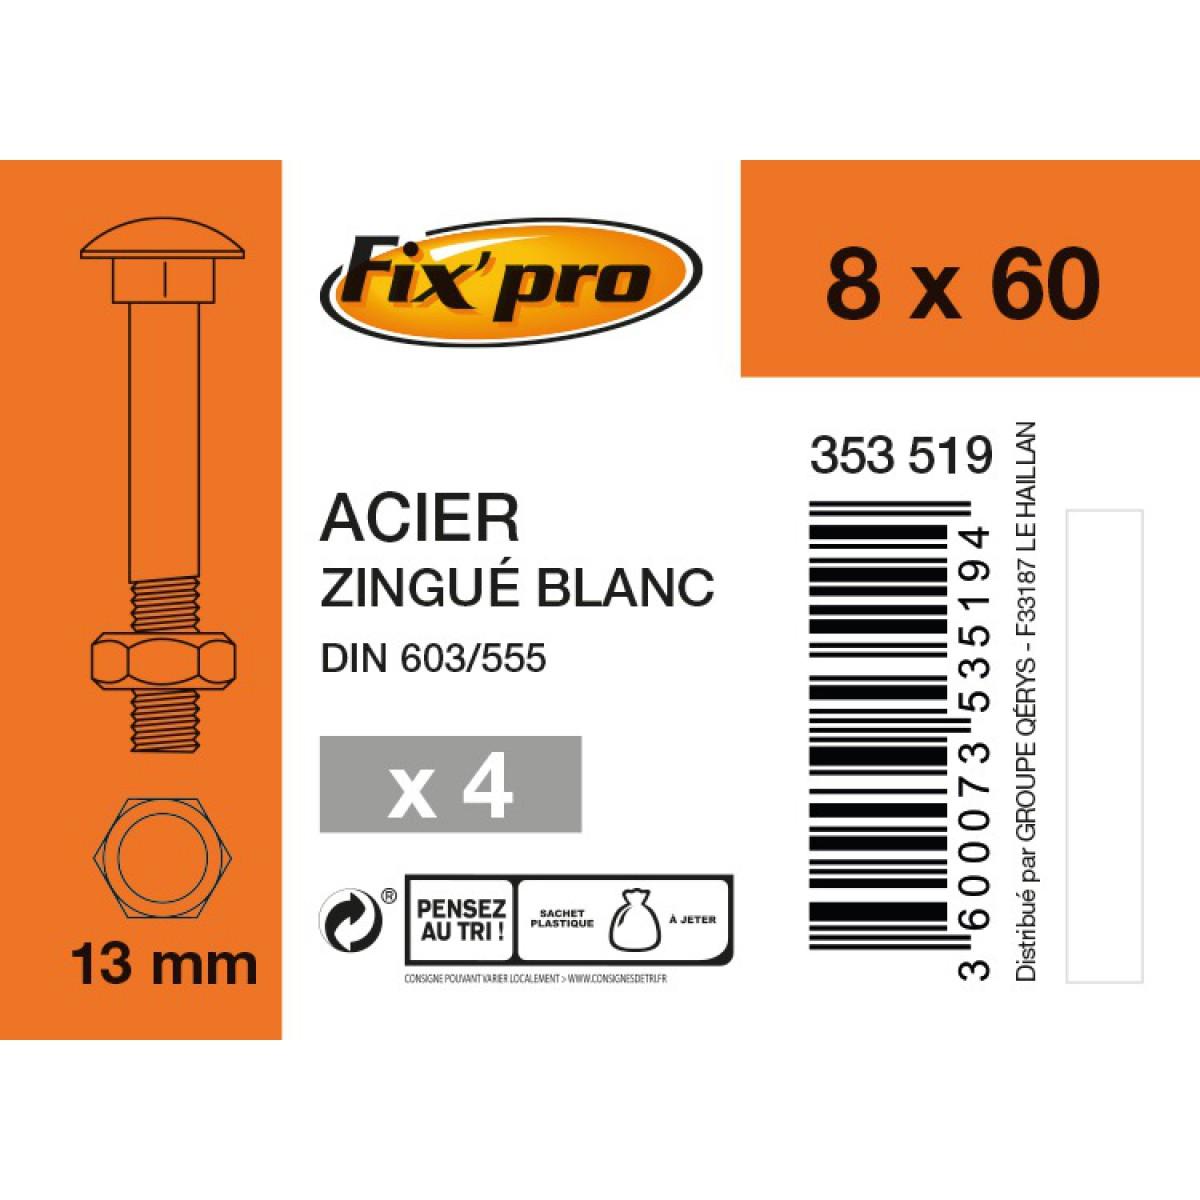 Boulon Japy tête ronde collet carré acier zingué - 8x60/22 - 4pces - Fixpro